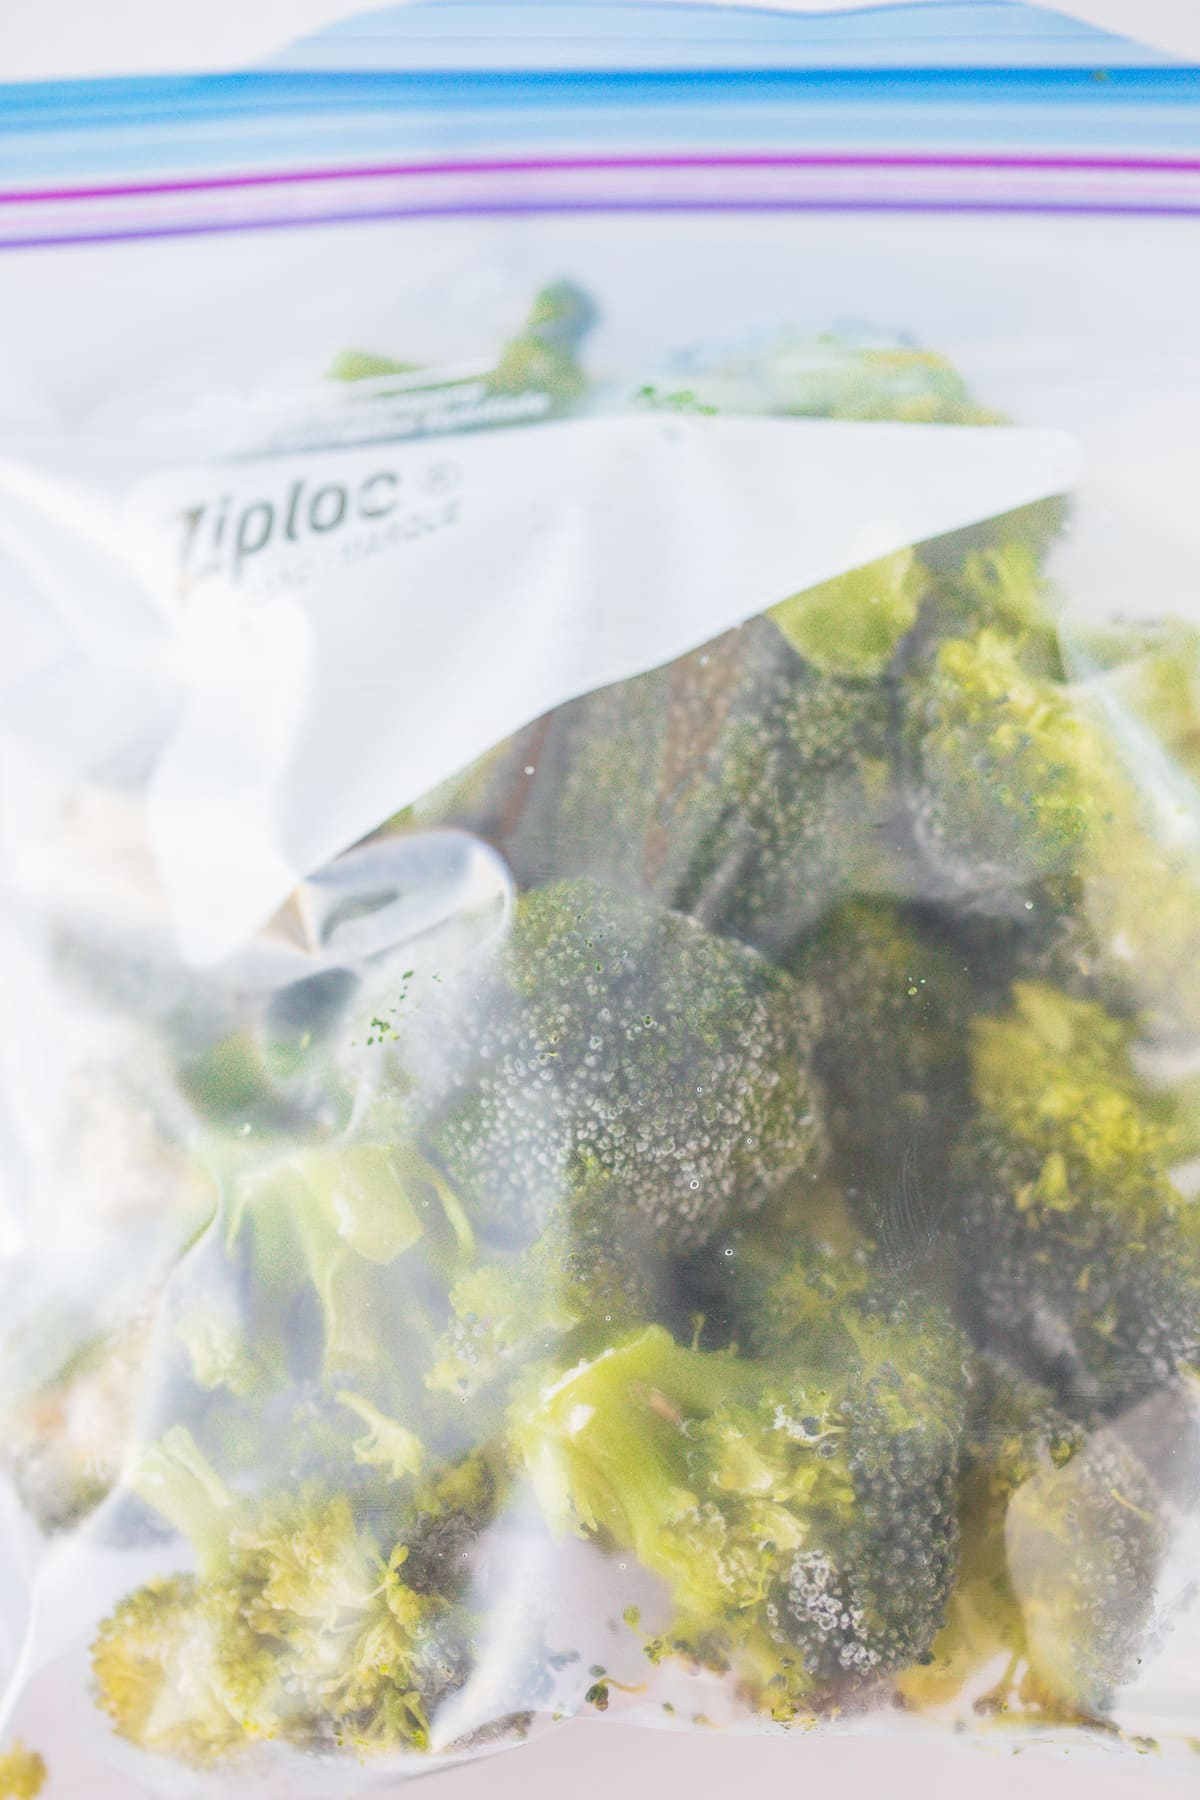 bag of frozen broccoli